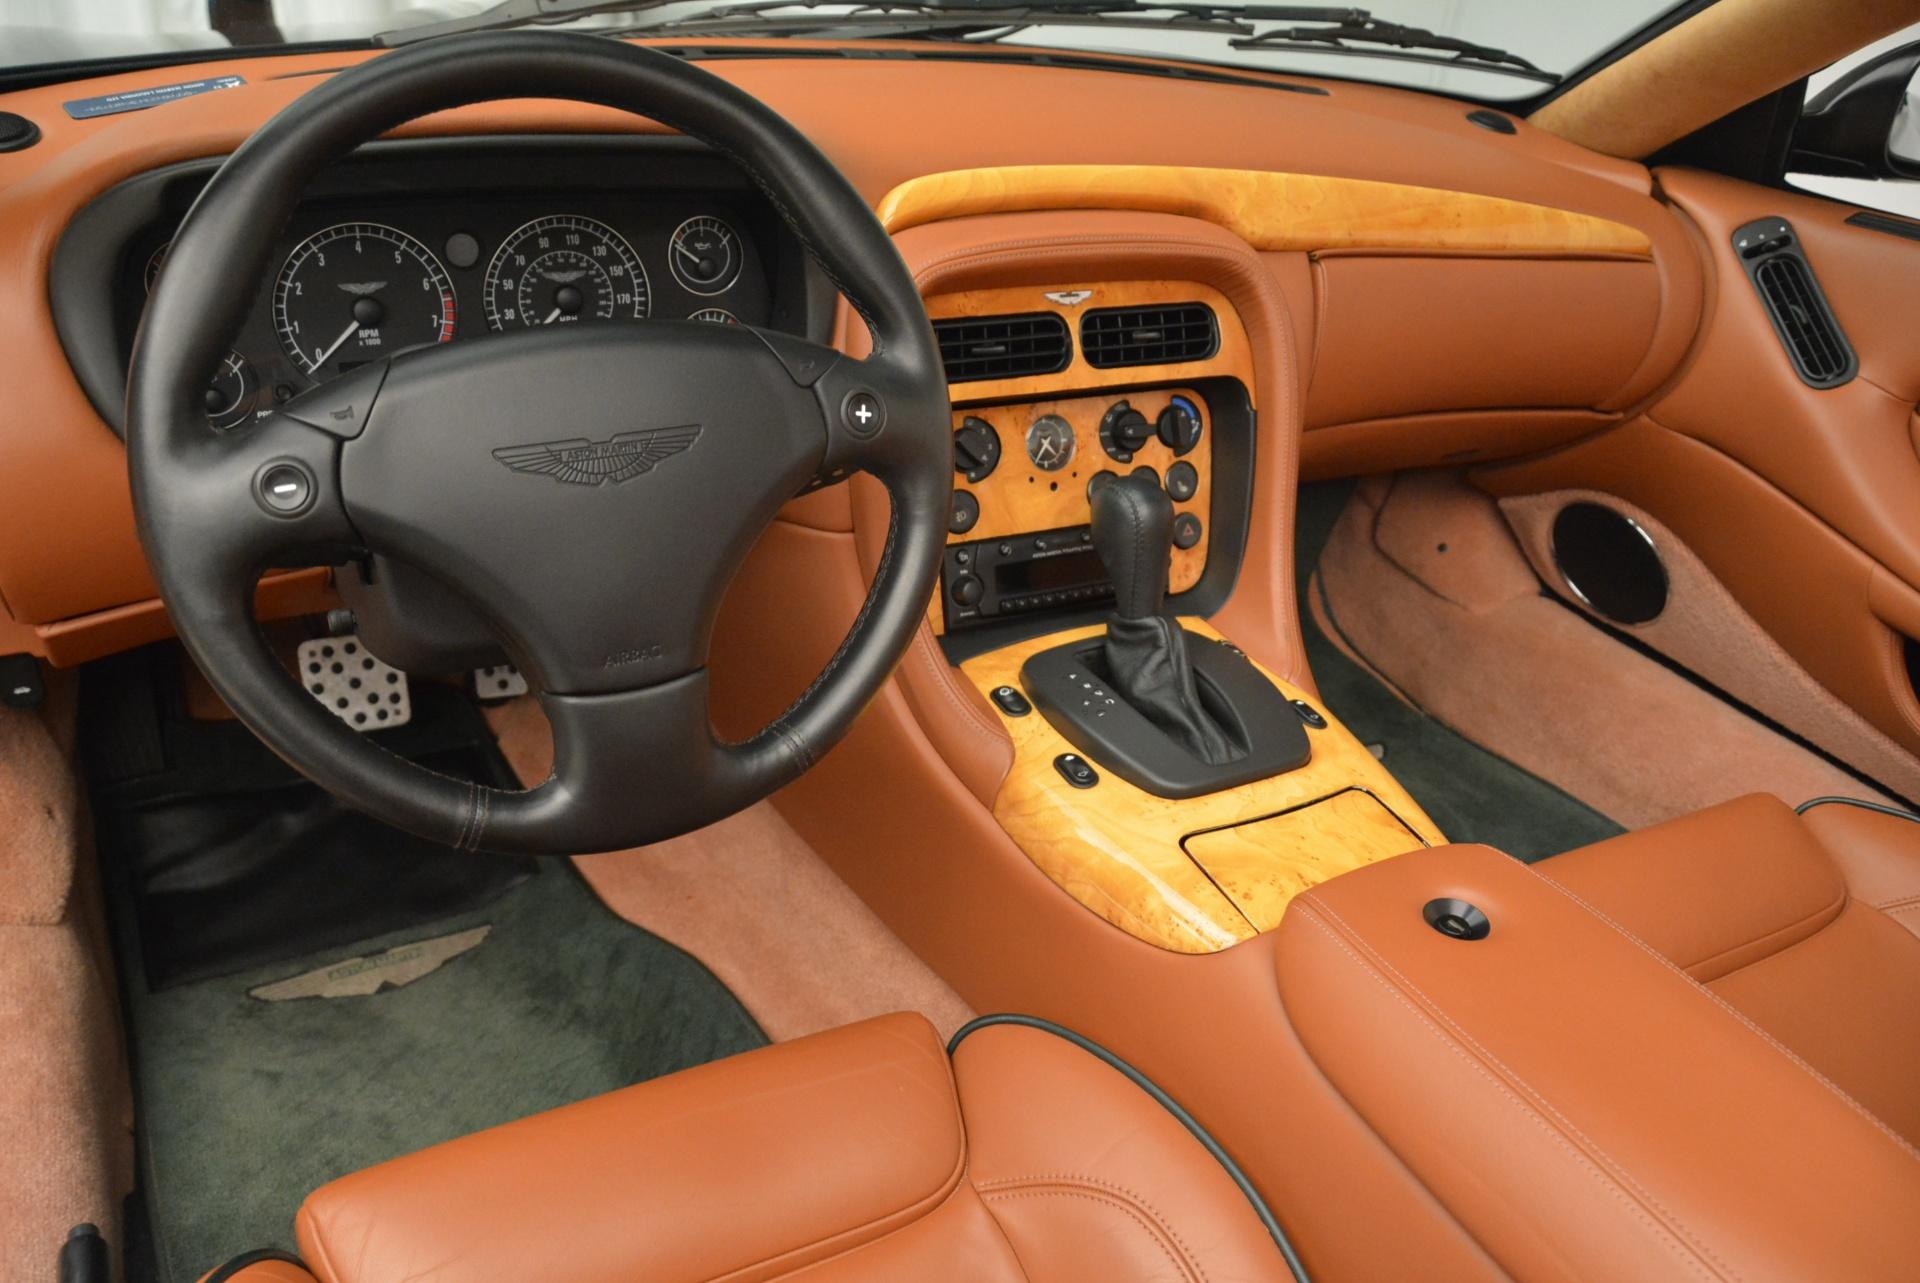 Used 2003 Aston Martin DB7 Vantage Volante For Sale In Greenwich, CT. Alfa Romeo of Greenwich, 7307 2084_p24